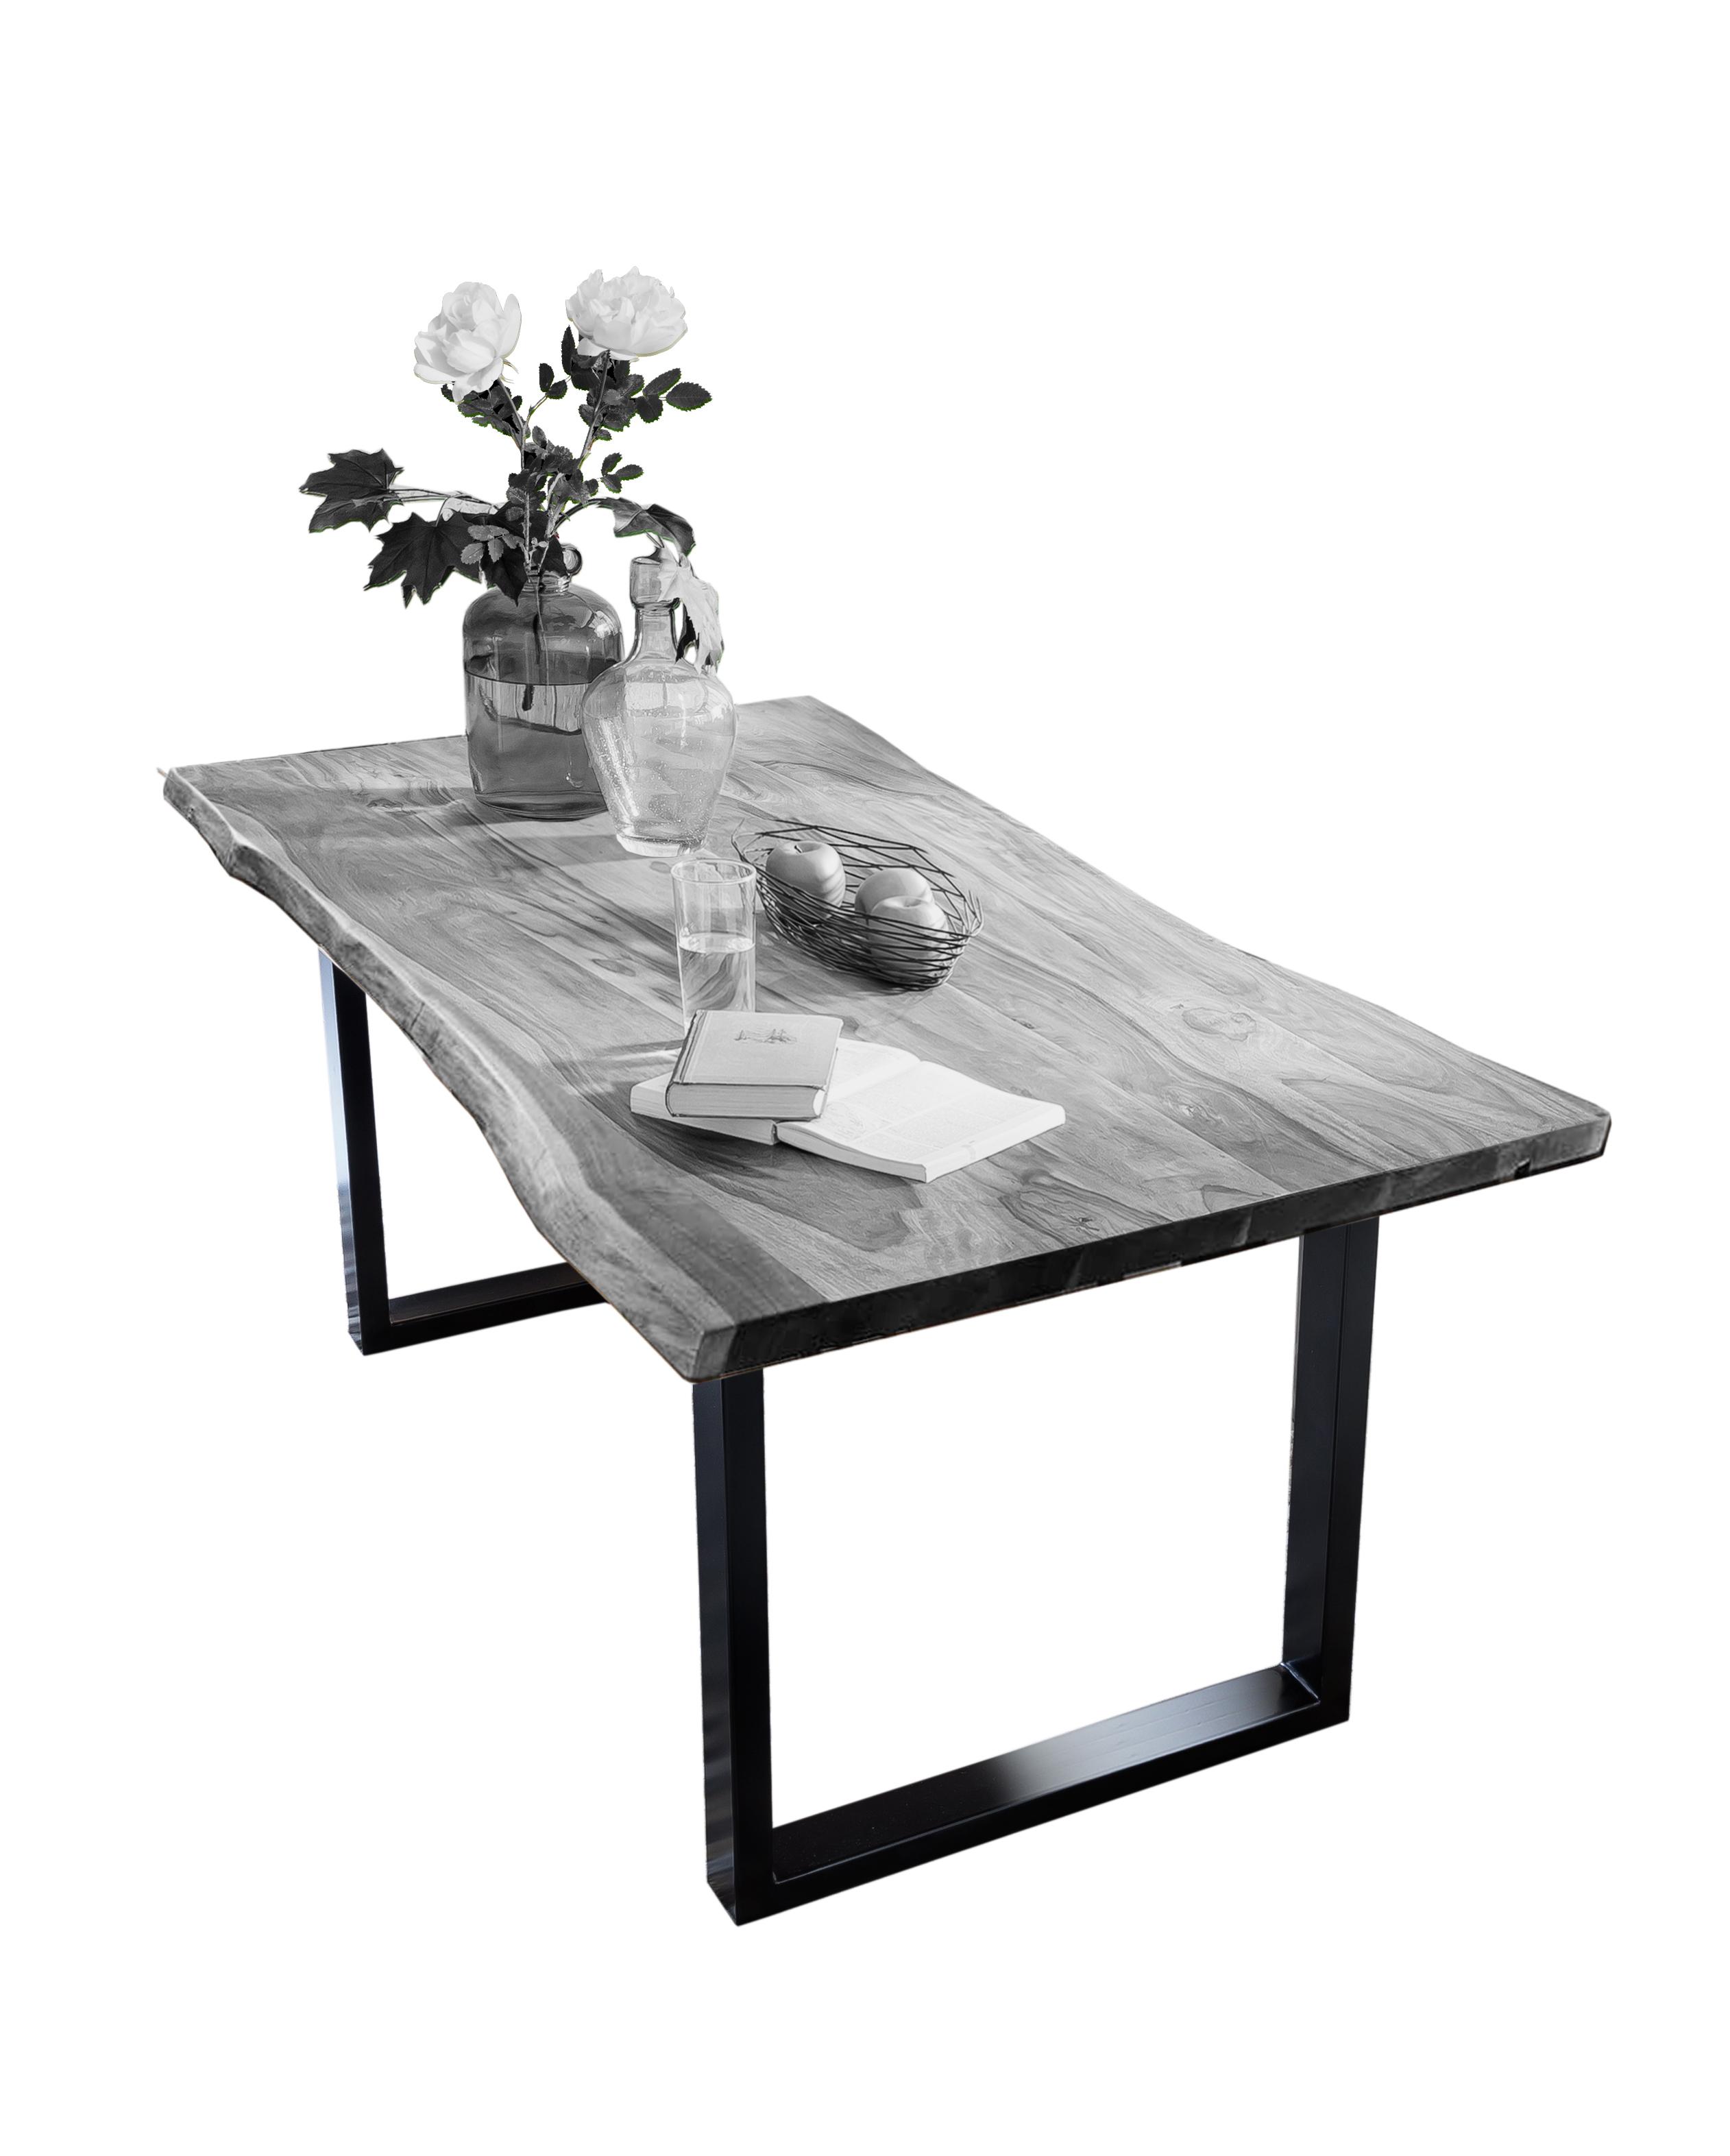 Tisch 180 x 90 cm Platte antikgrau Gestell schwarz TISCHE